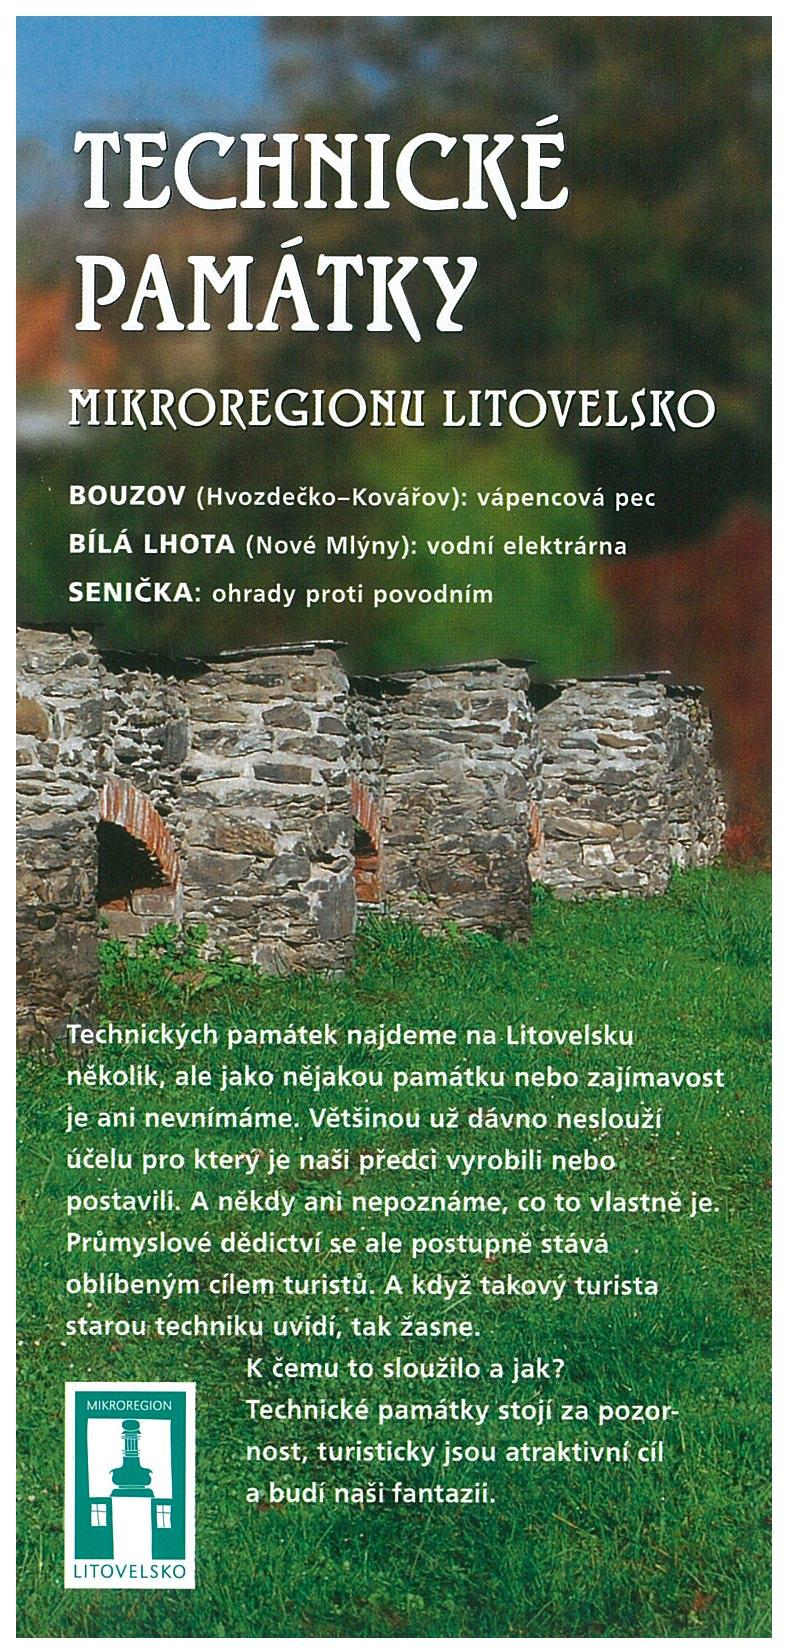 Technické památky Mikroregionu Litovelsko, obrázek se otevře v novém okně